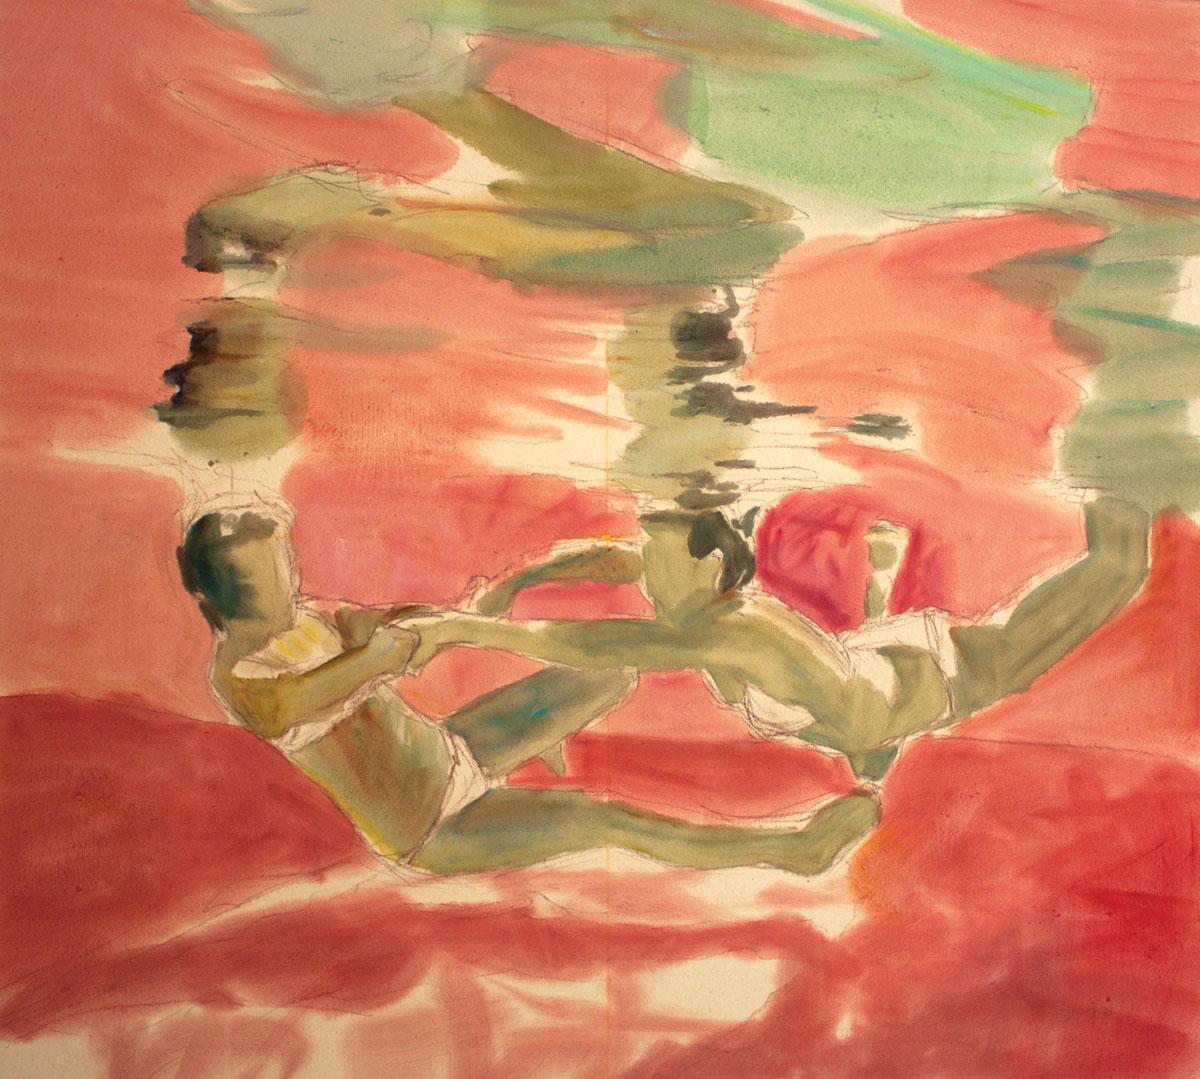 Poirier-Mozzone-underwater-scenes-Alliance-Step2-ArtistsNetwork